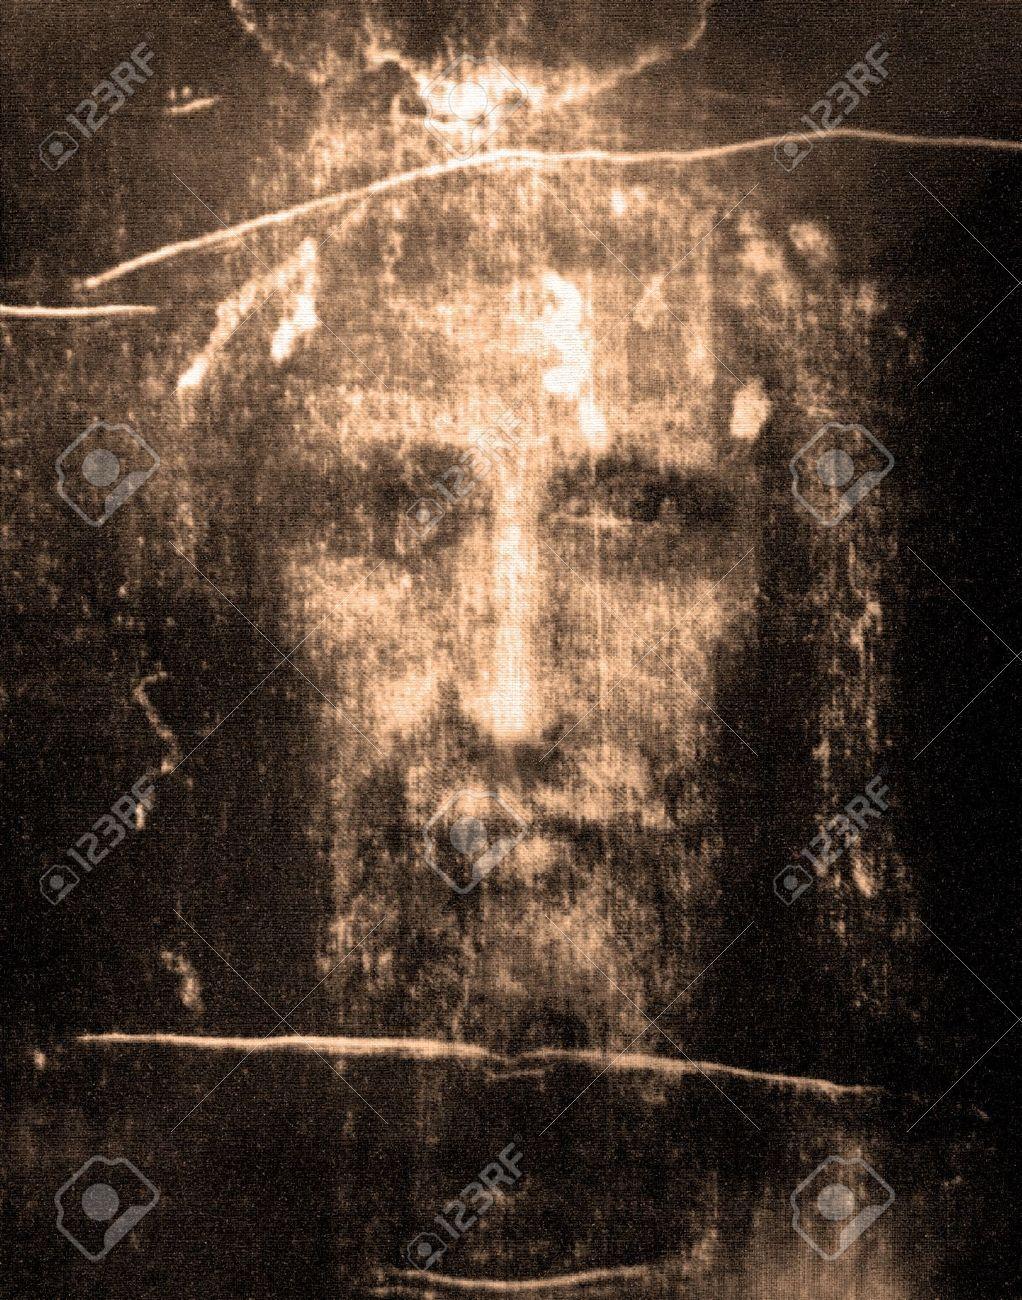 Face of Jesus from Shroud of Turin   Jesus face, Jesus